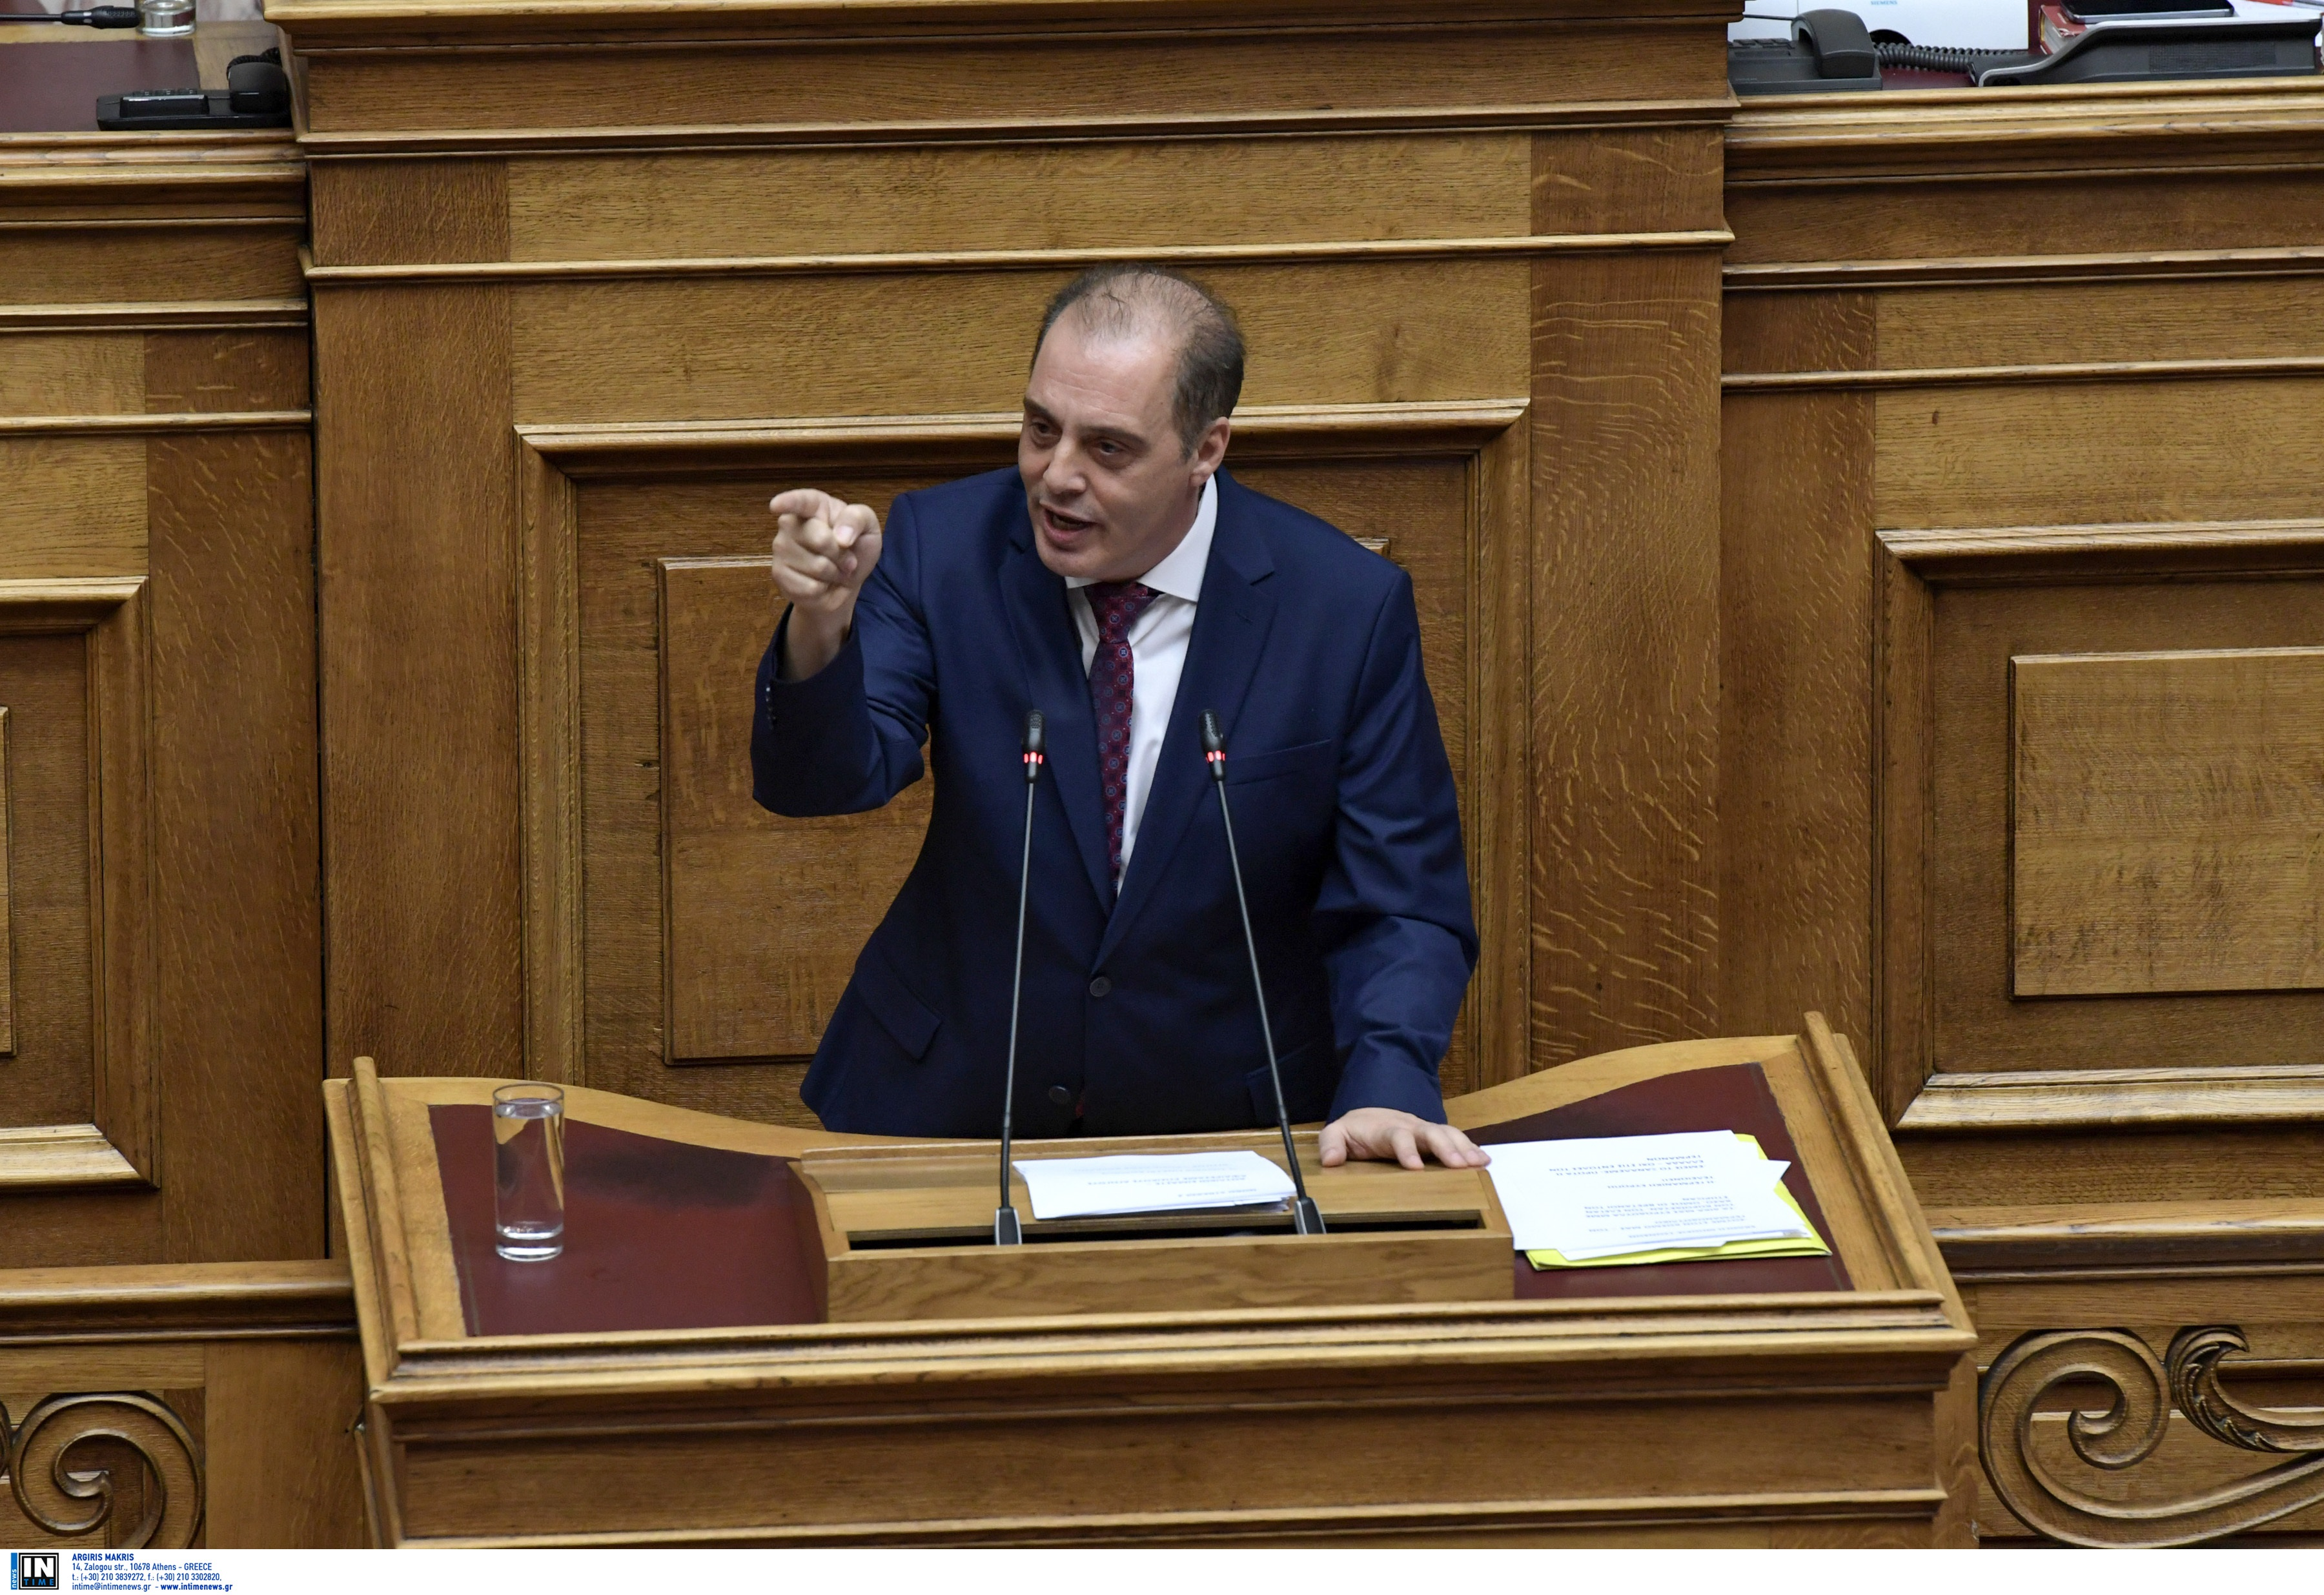 """Προϋπολογισμός 2020: """"Να μην διανοηθούν να πάνε απροετοίμαστοι στην Χάγη"""", είπε ο Βελόπουλος"""